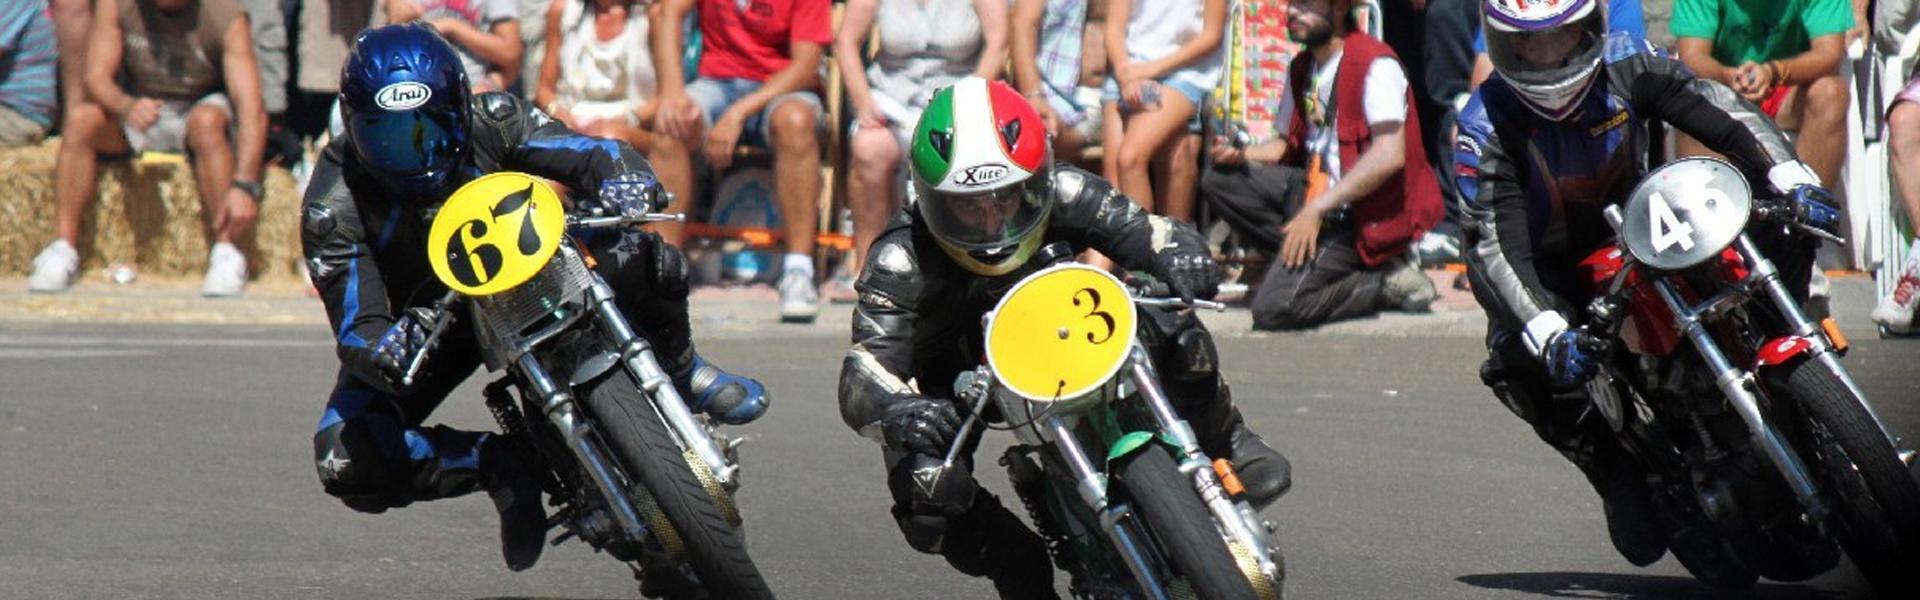 Circuito Urbano La Bañeza : El gran premio de velocidad ciudad de la bañeza nos gusta león